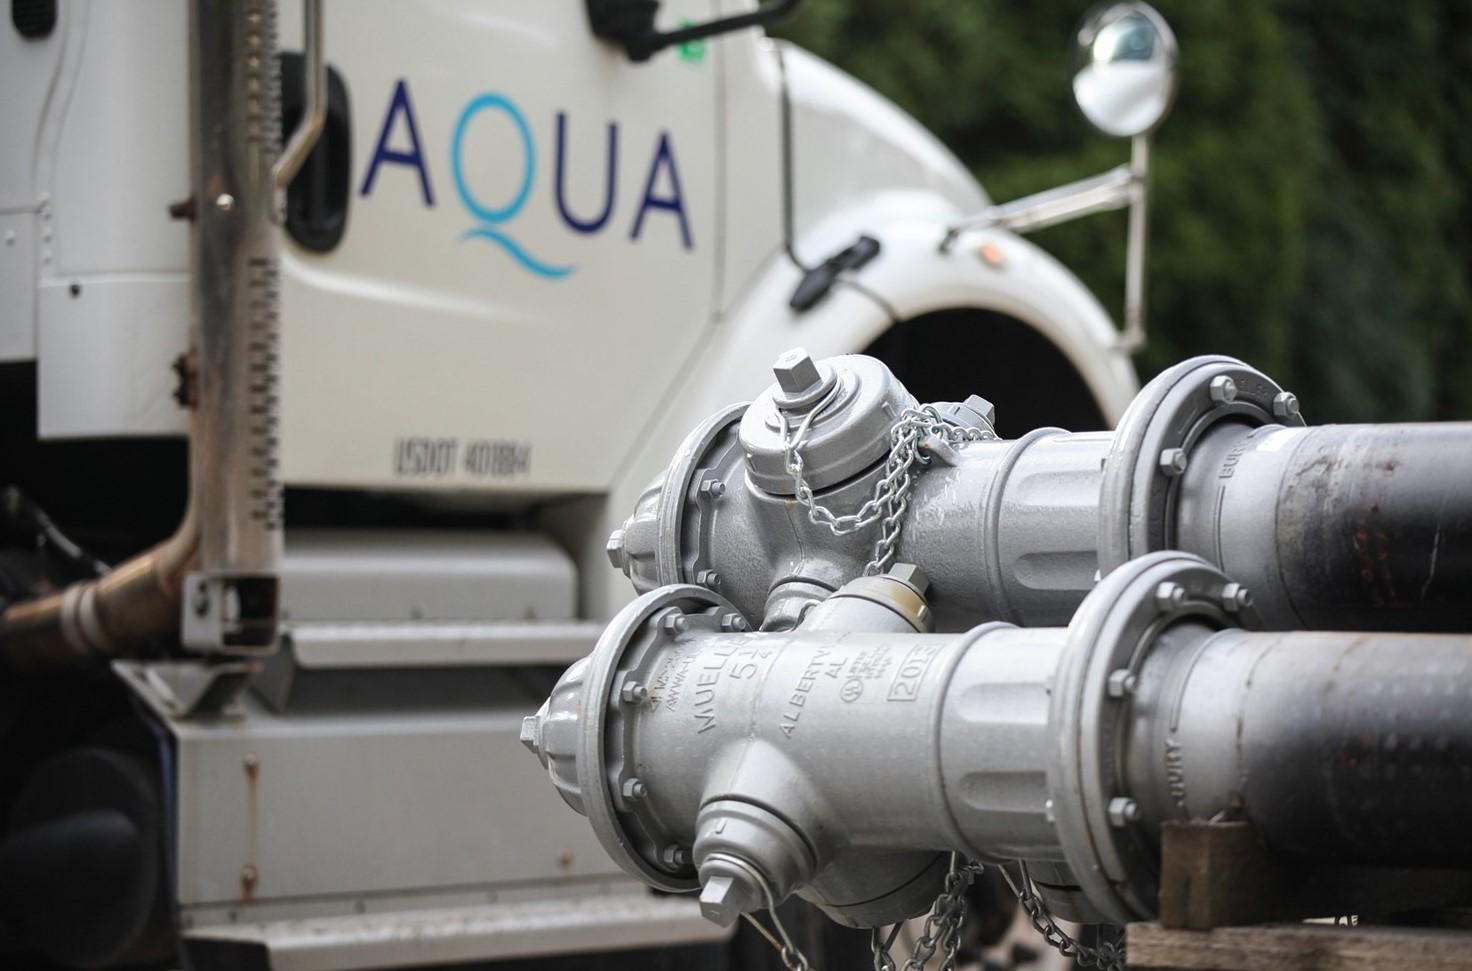 Aqua Pennsylvania: A History of Providing Earth's Most Essential Resource